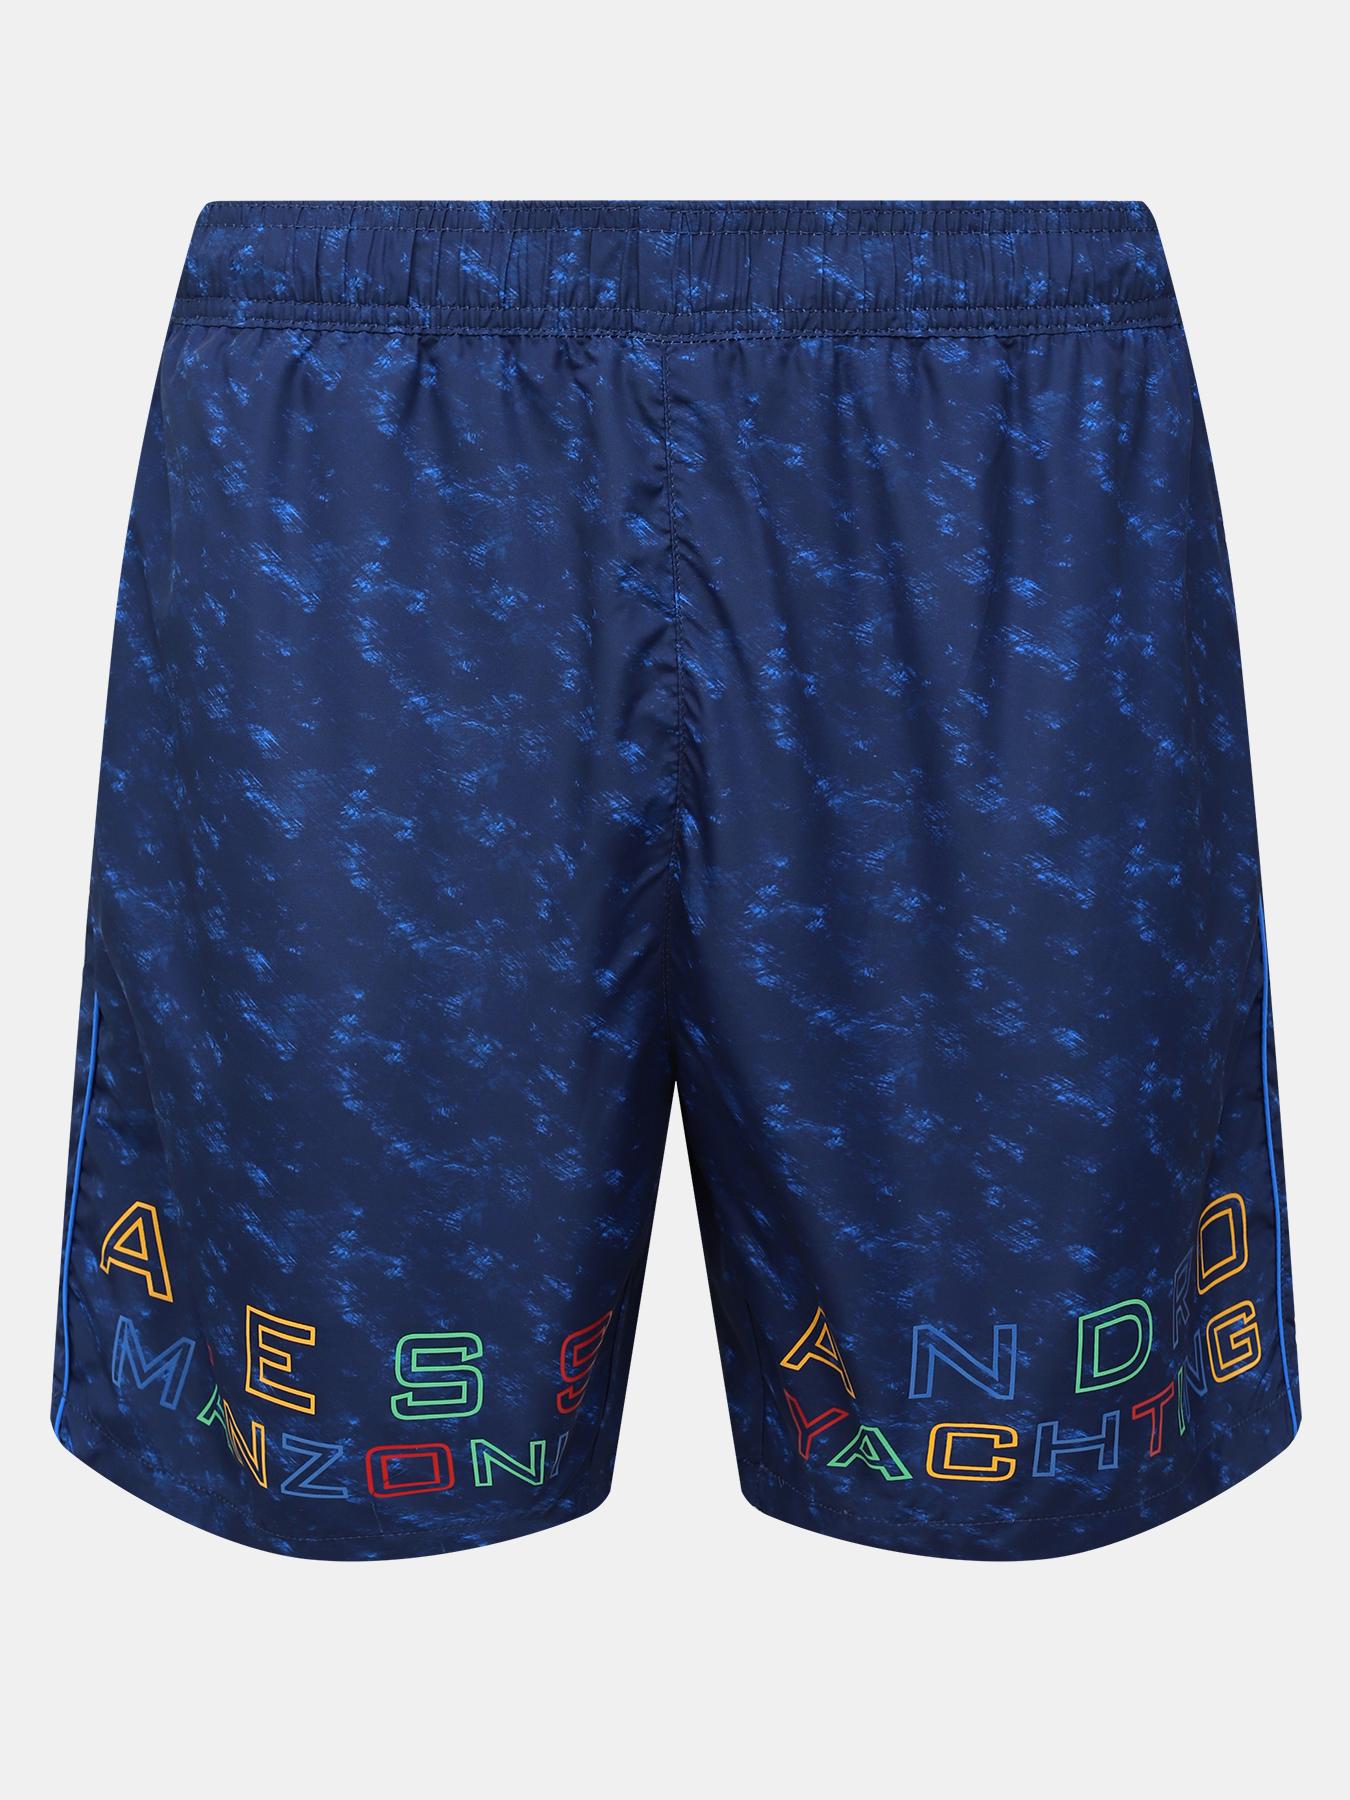 Плавательные шорты Alessandro Manzoni Yachting Плавательные шорты